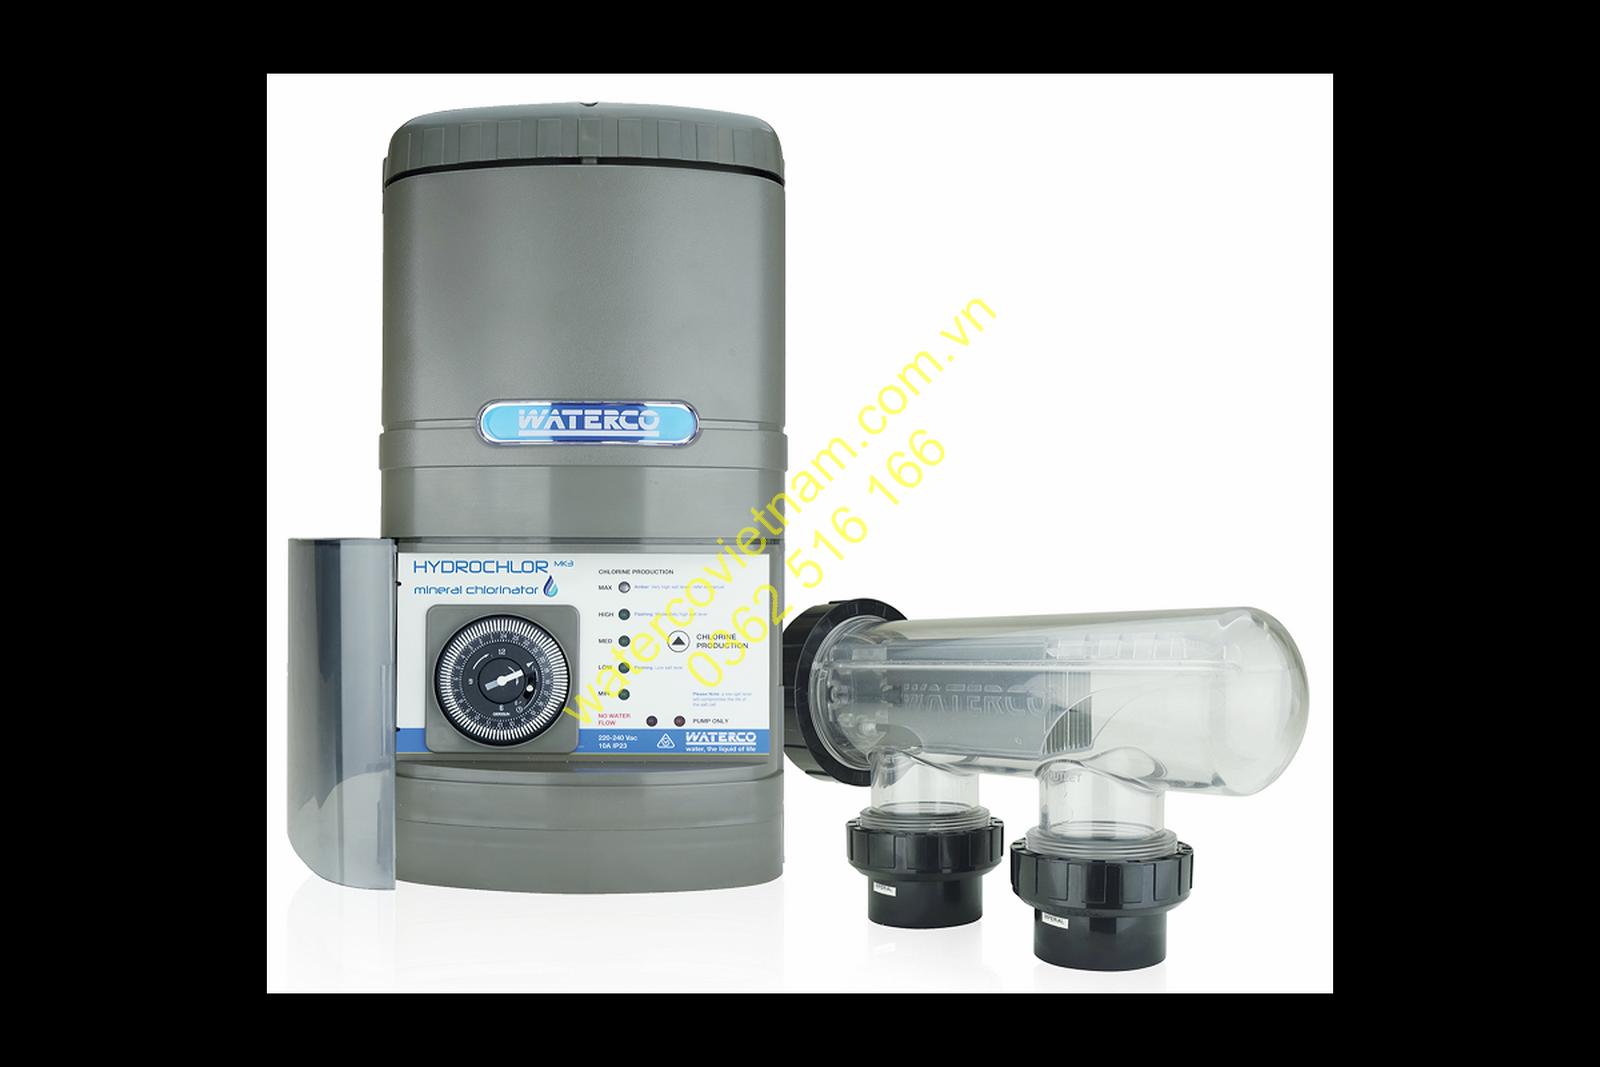 Bộ điện phân hồ bơi Waterco Hydrochlor MK3 3000